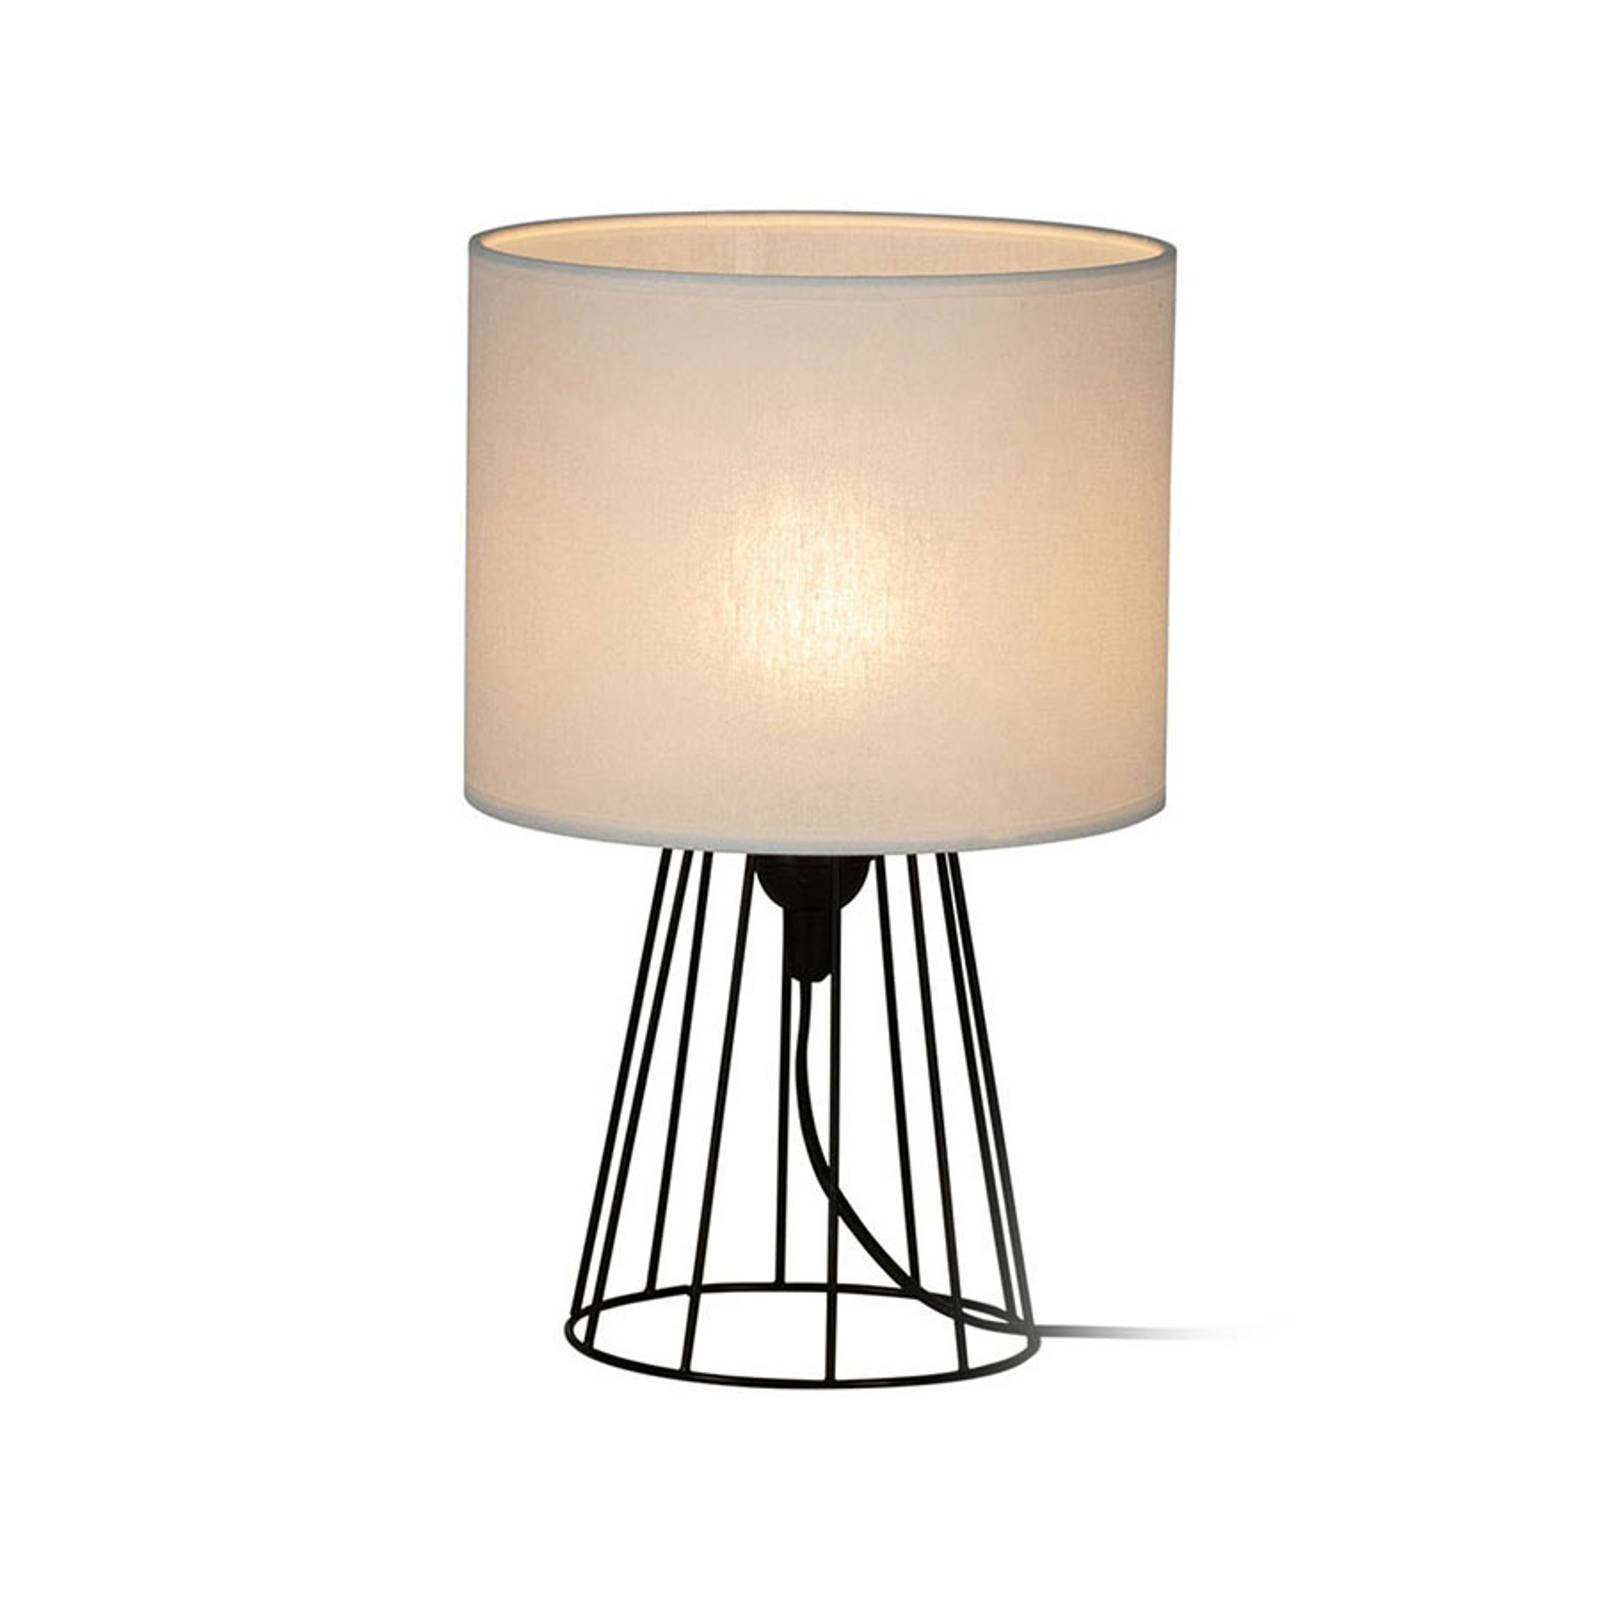 Bordlampe Valene med tekstilskjerm, høyde 32 cm